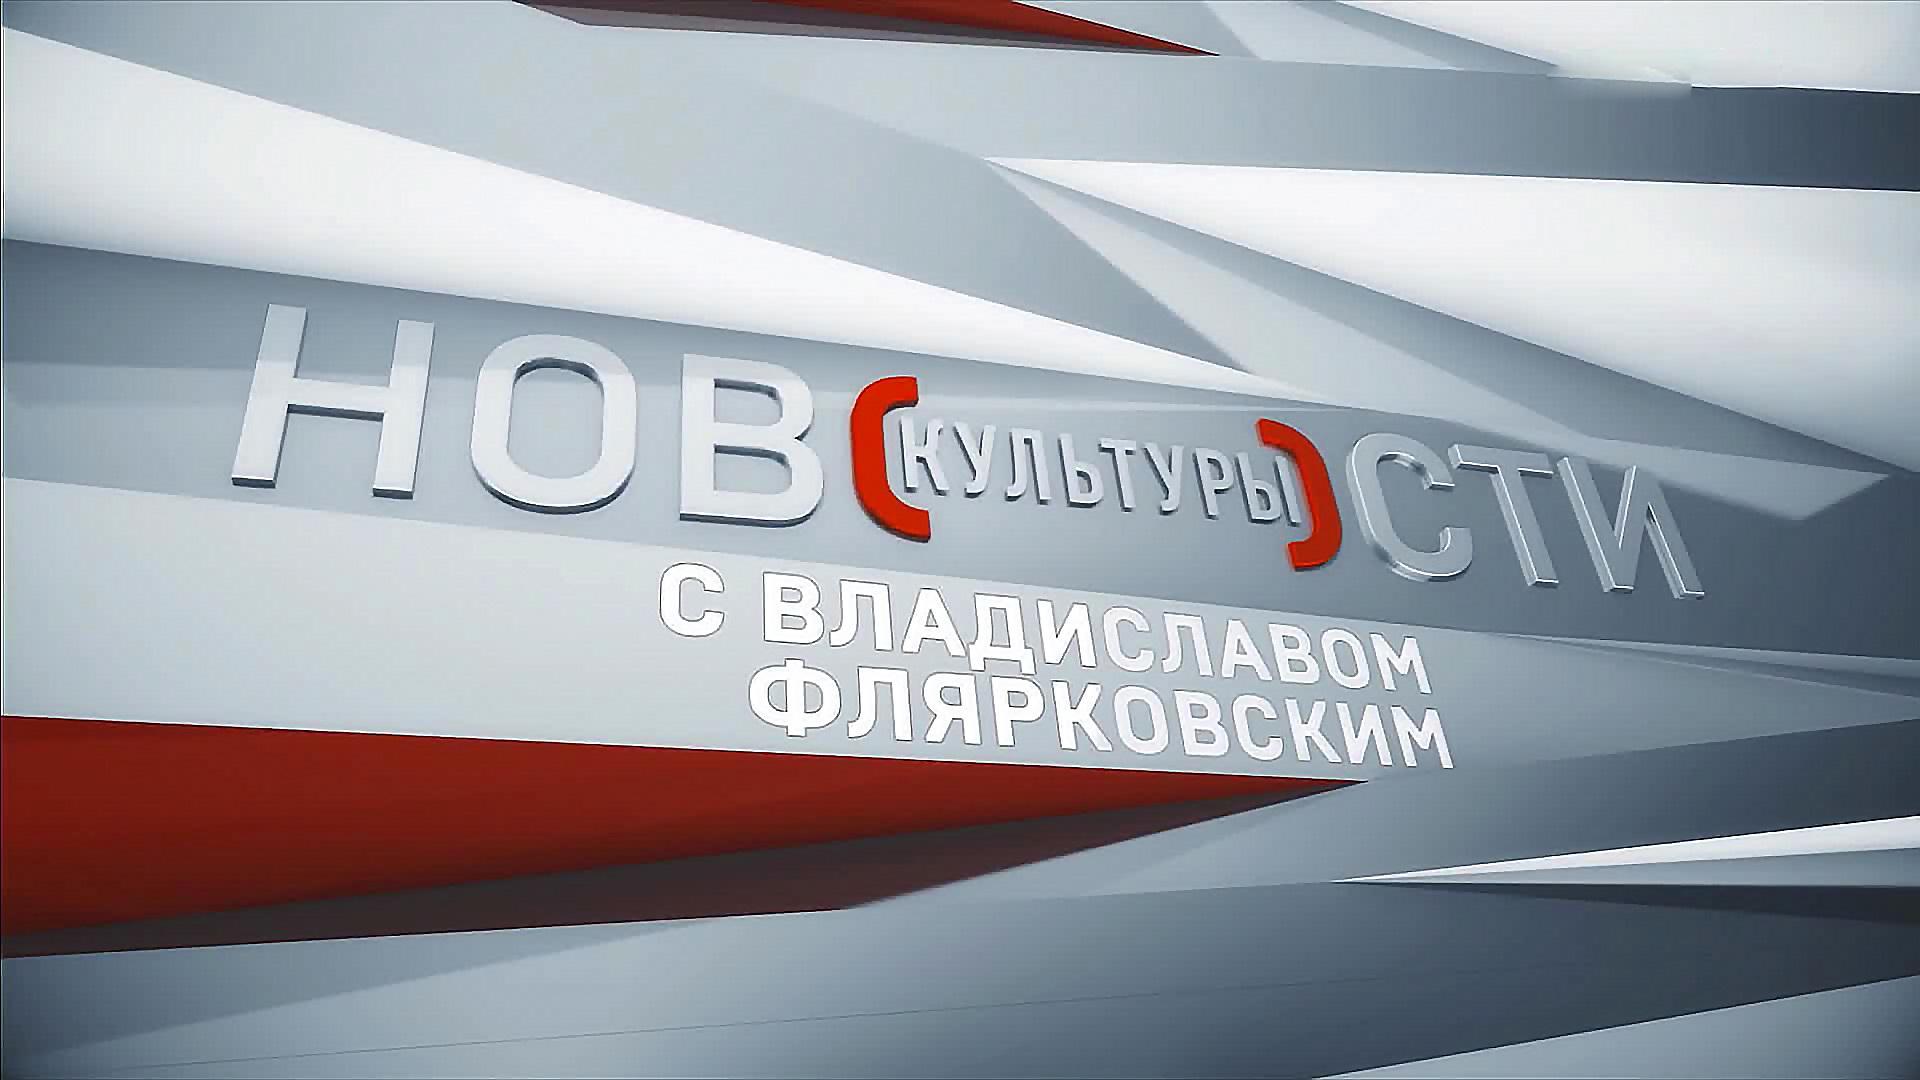 Новости культуры с Владиславом Флярковским